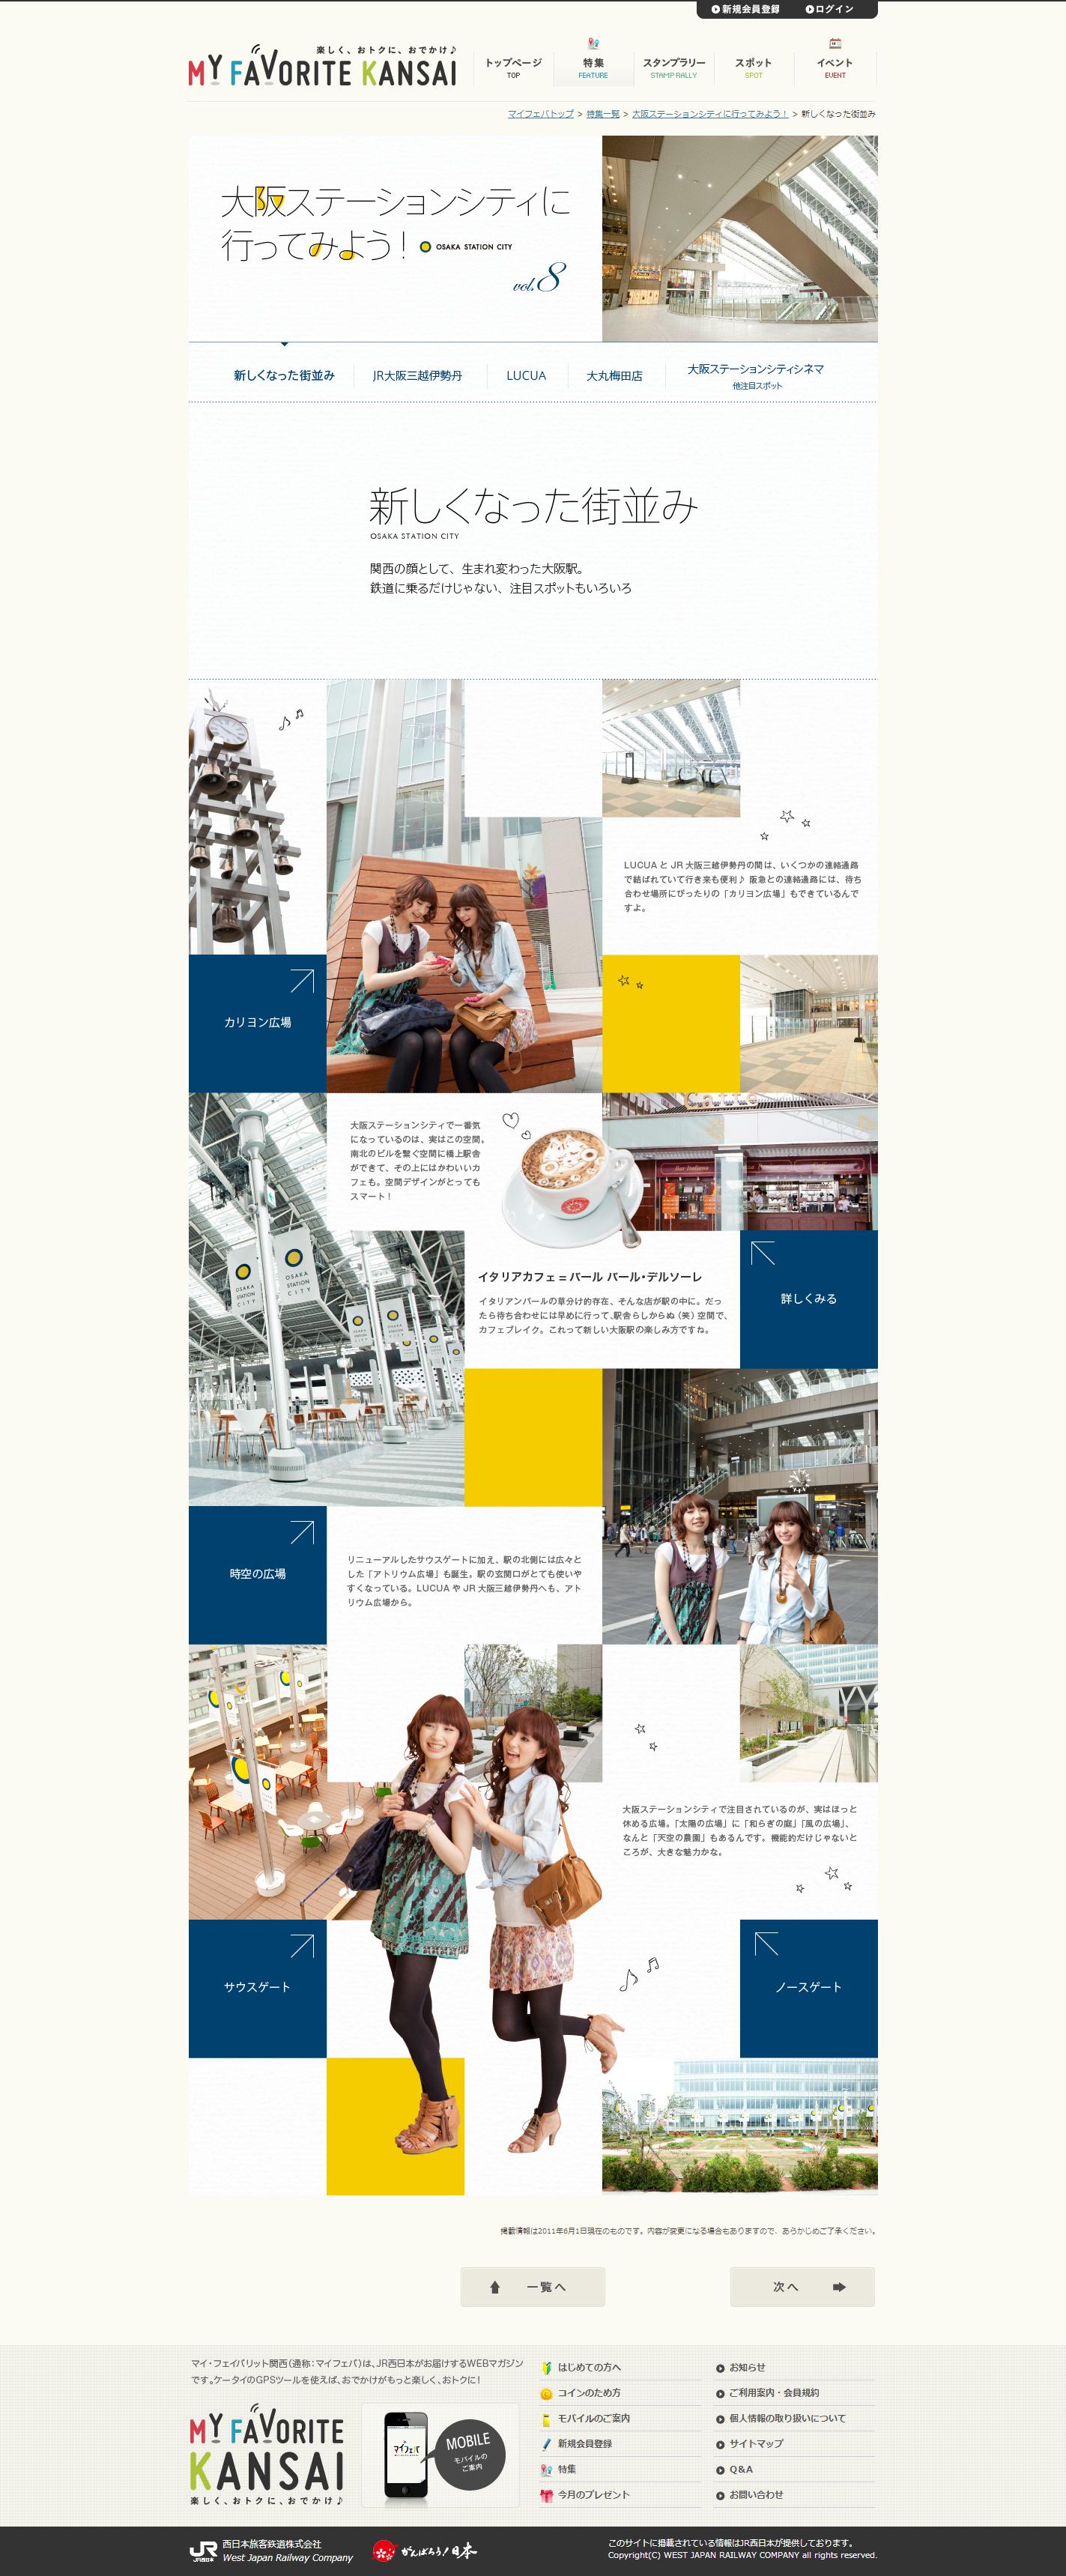 新しくなった街並み:【特集Vol.8】大阪ステーションシティに行ってみよう!:マイ・フェイバリット関西.png